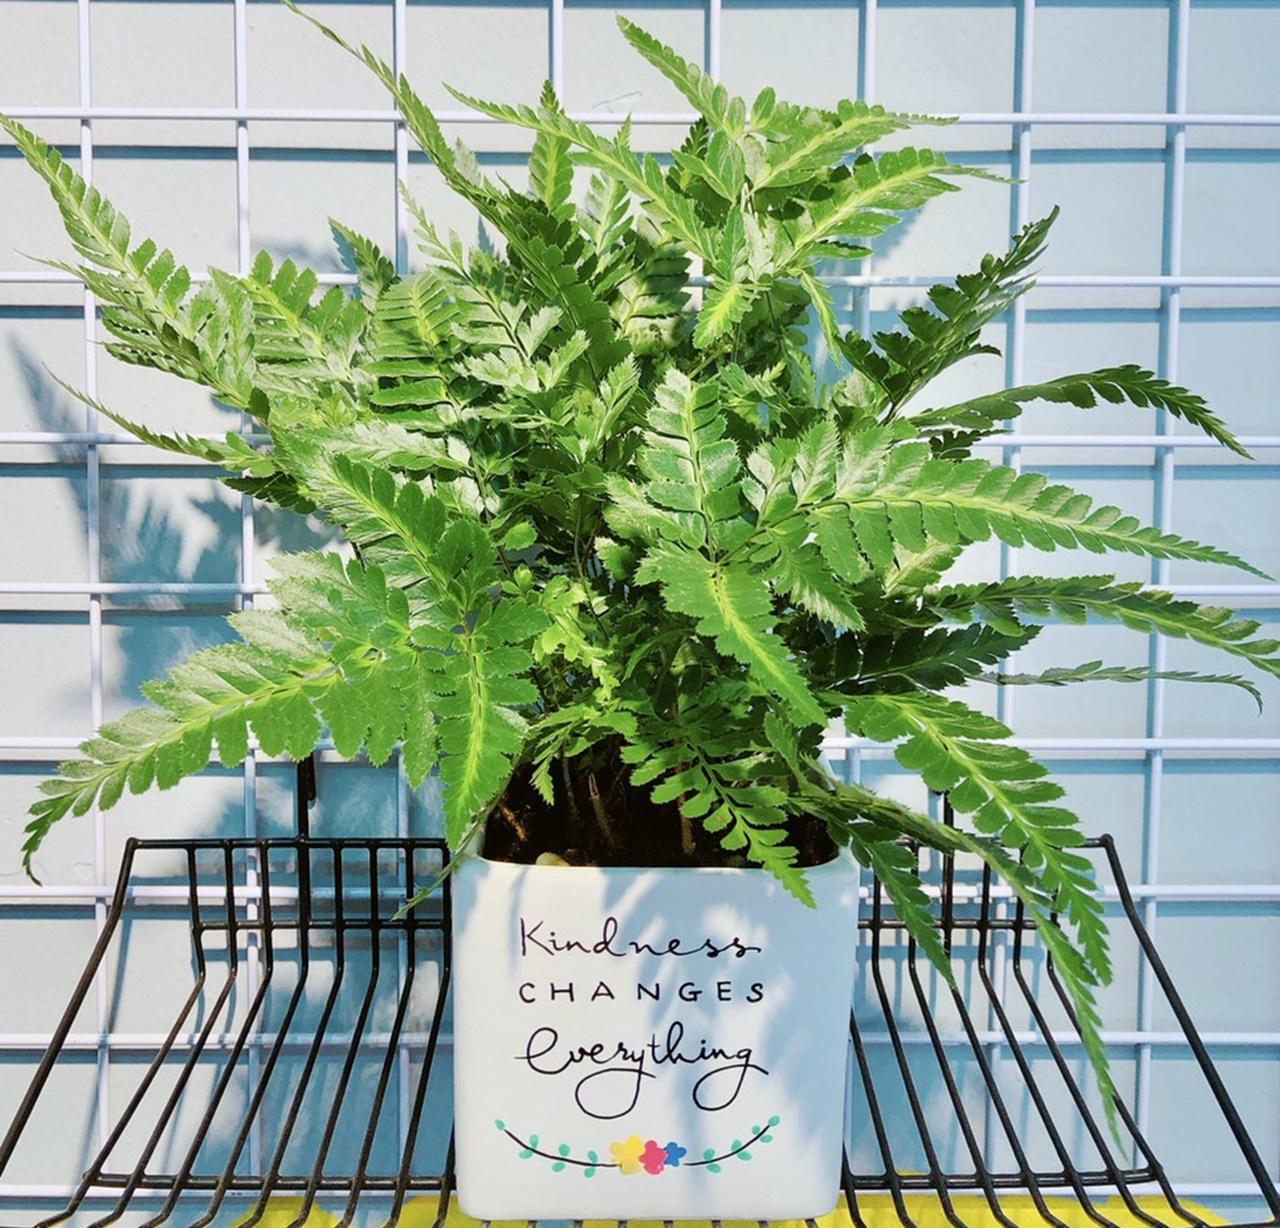 Muốn không gian sống luôn xanh mát, đừng bỏ qua những loài cây trồng này giúp hạ nhiệt cho ngôi nhà trong những ngày hè oi nóng - Ảnh 4.